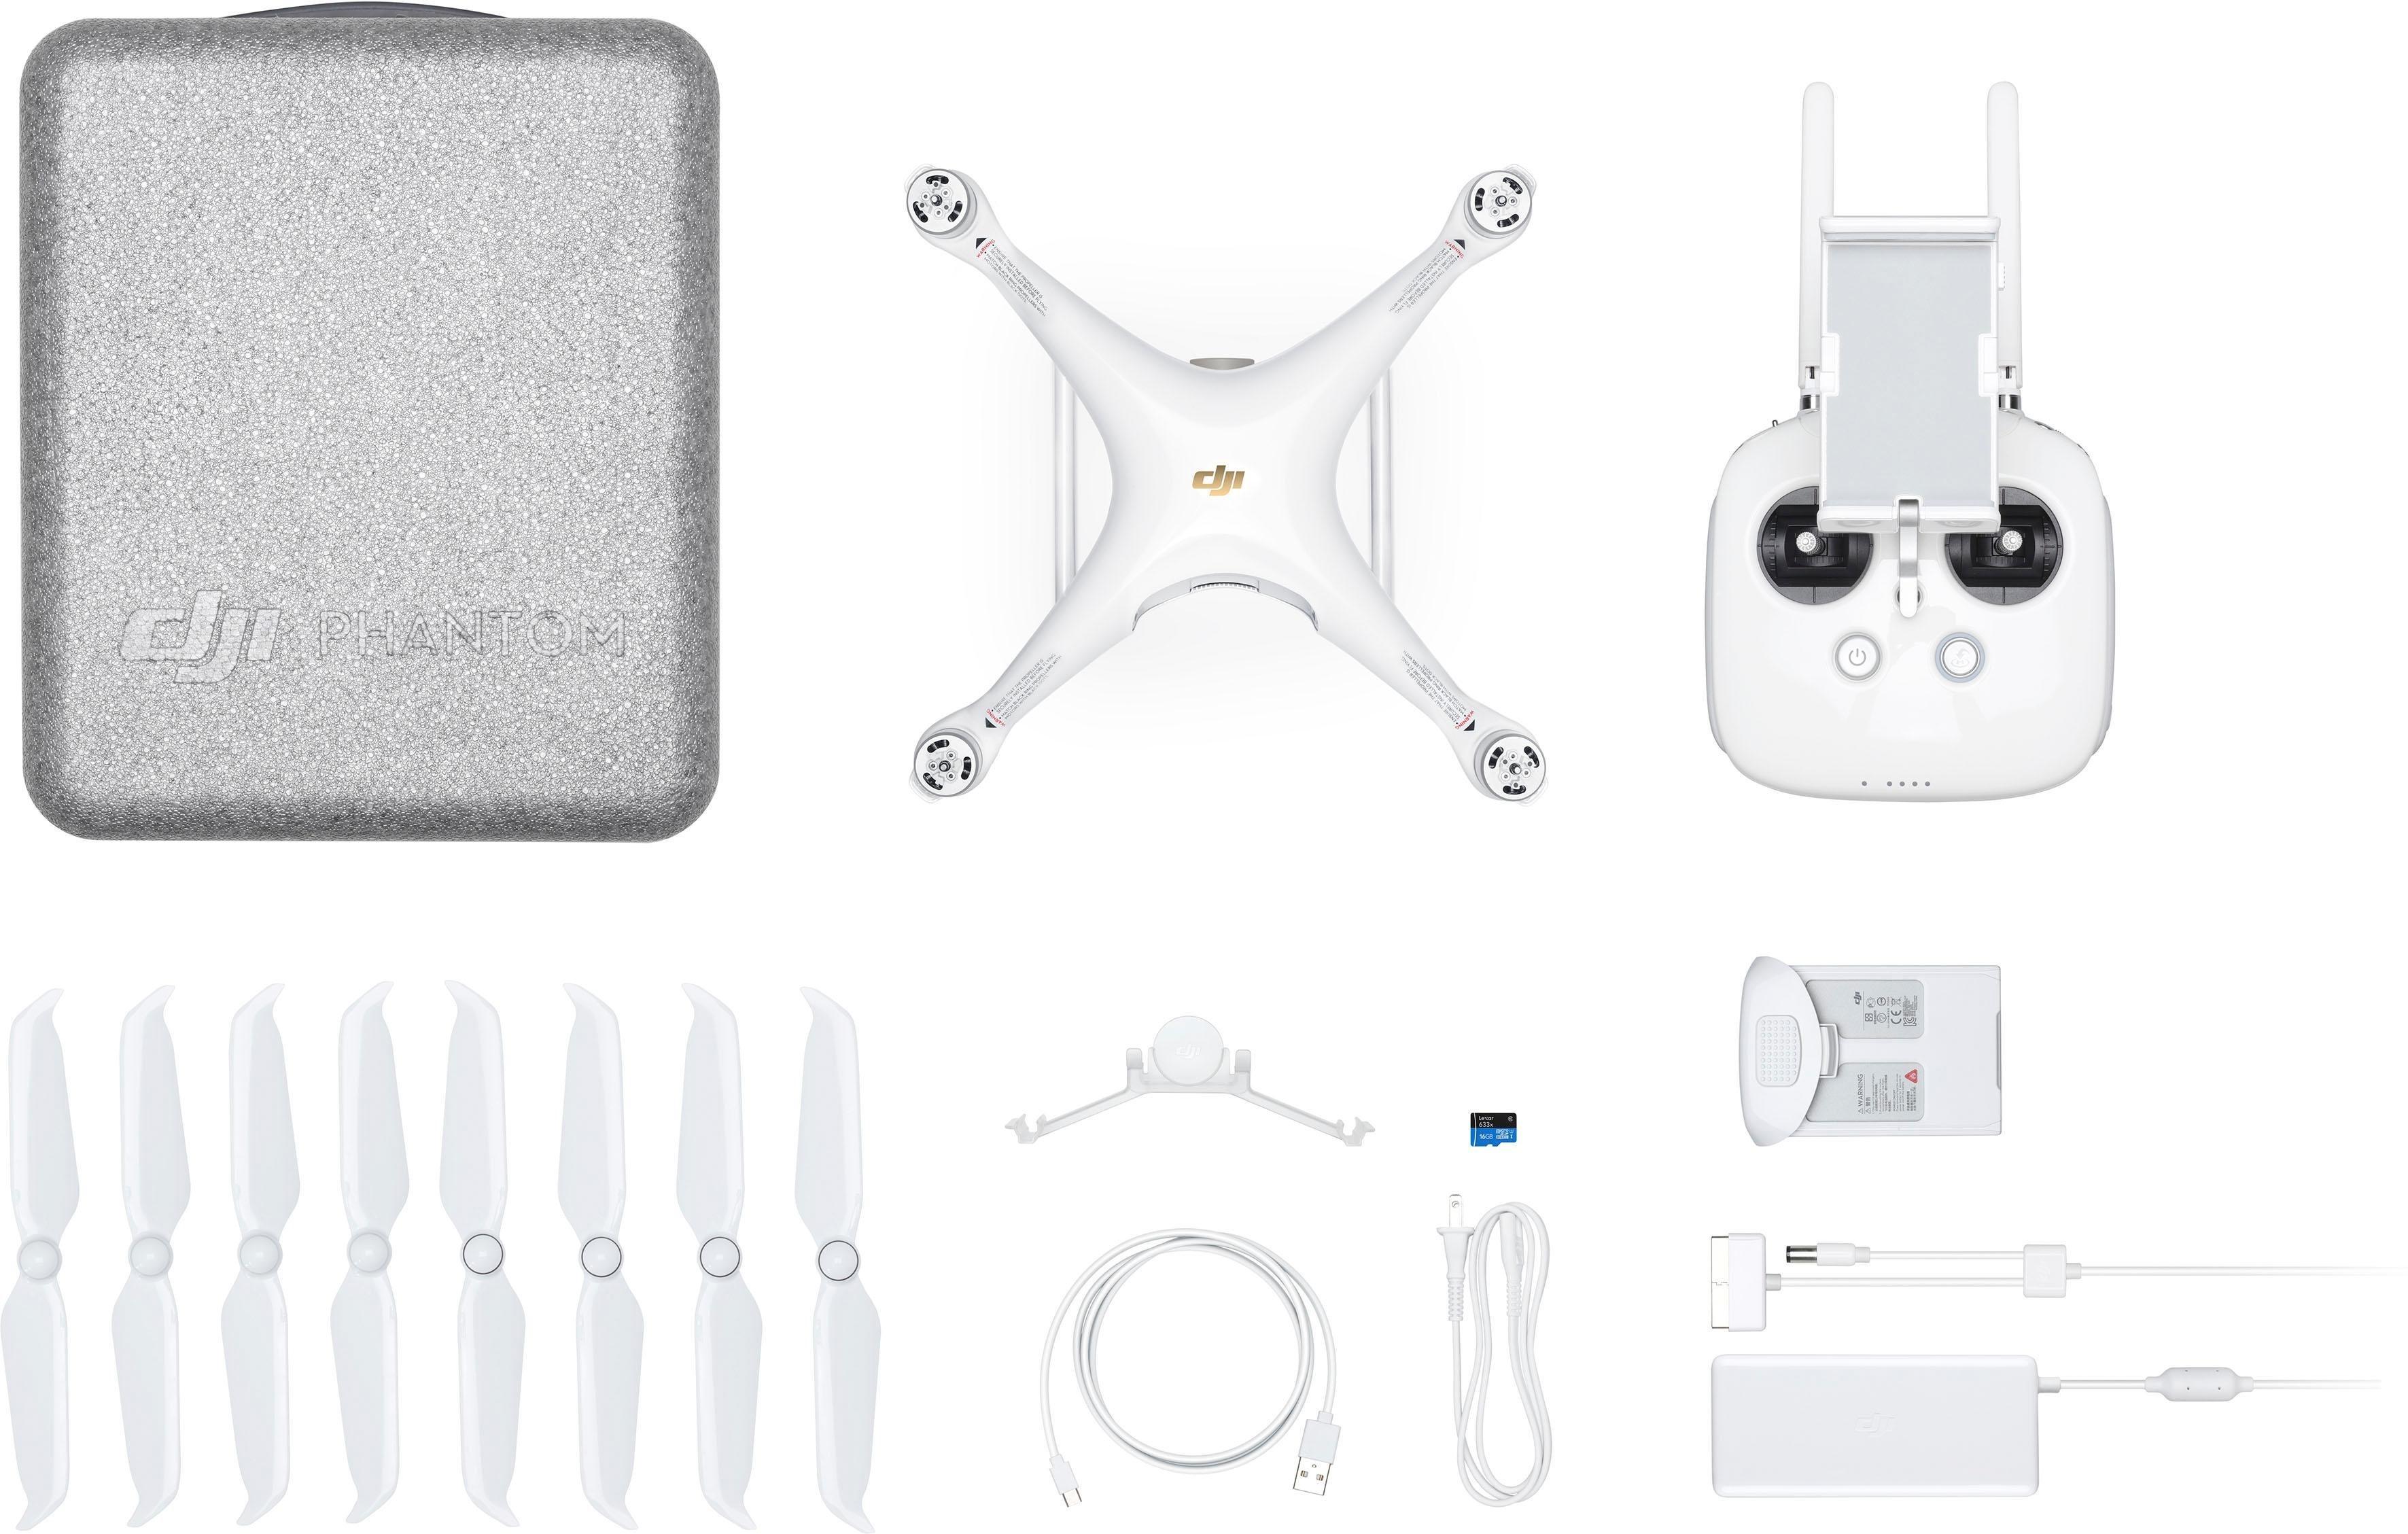 Drohne »Phantom 4 Pro V2.0«